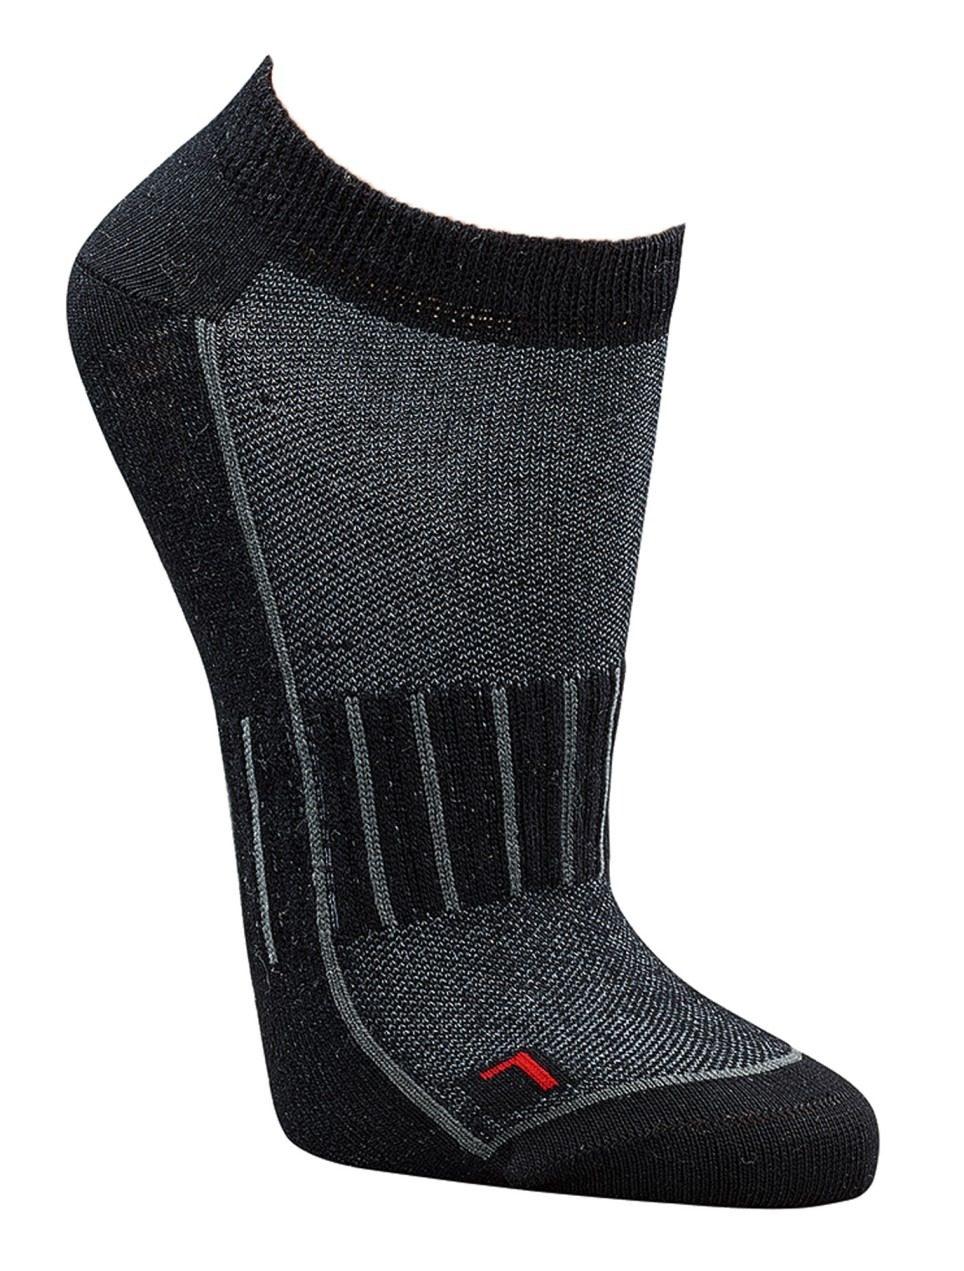 Športne Funkcionalne prezračevalne nogavice 6